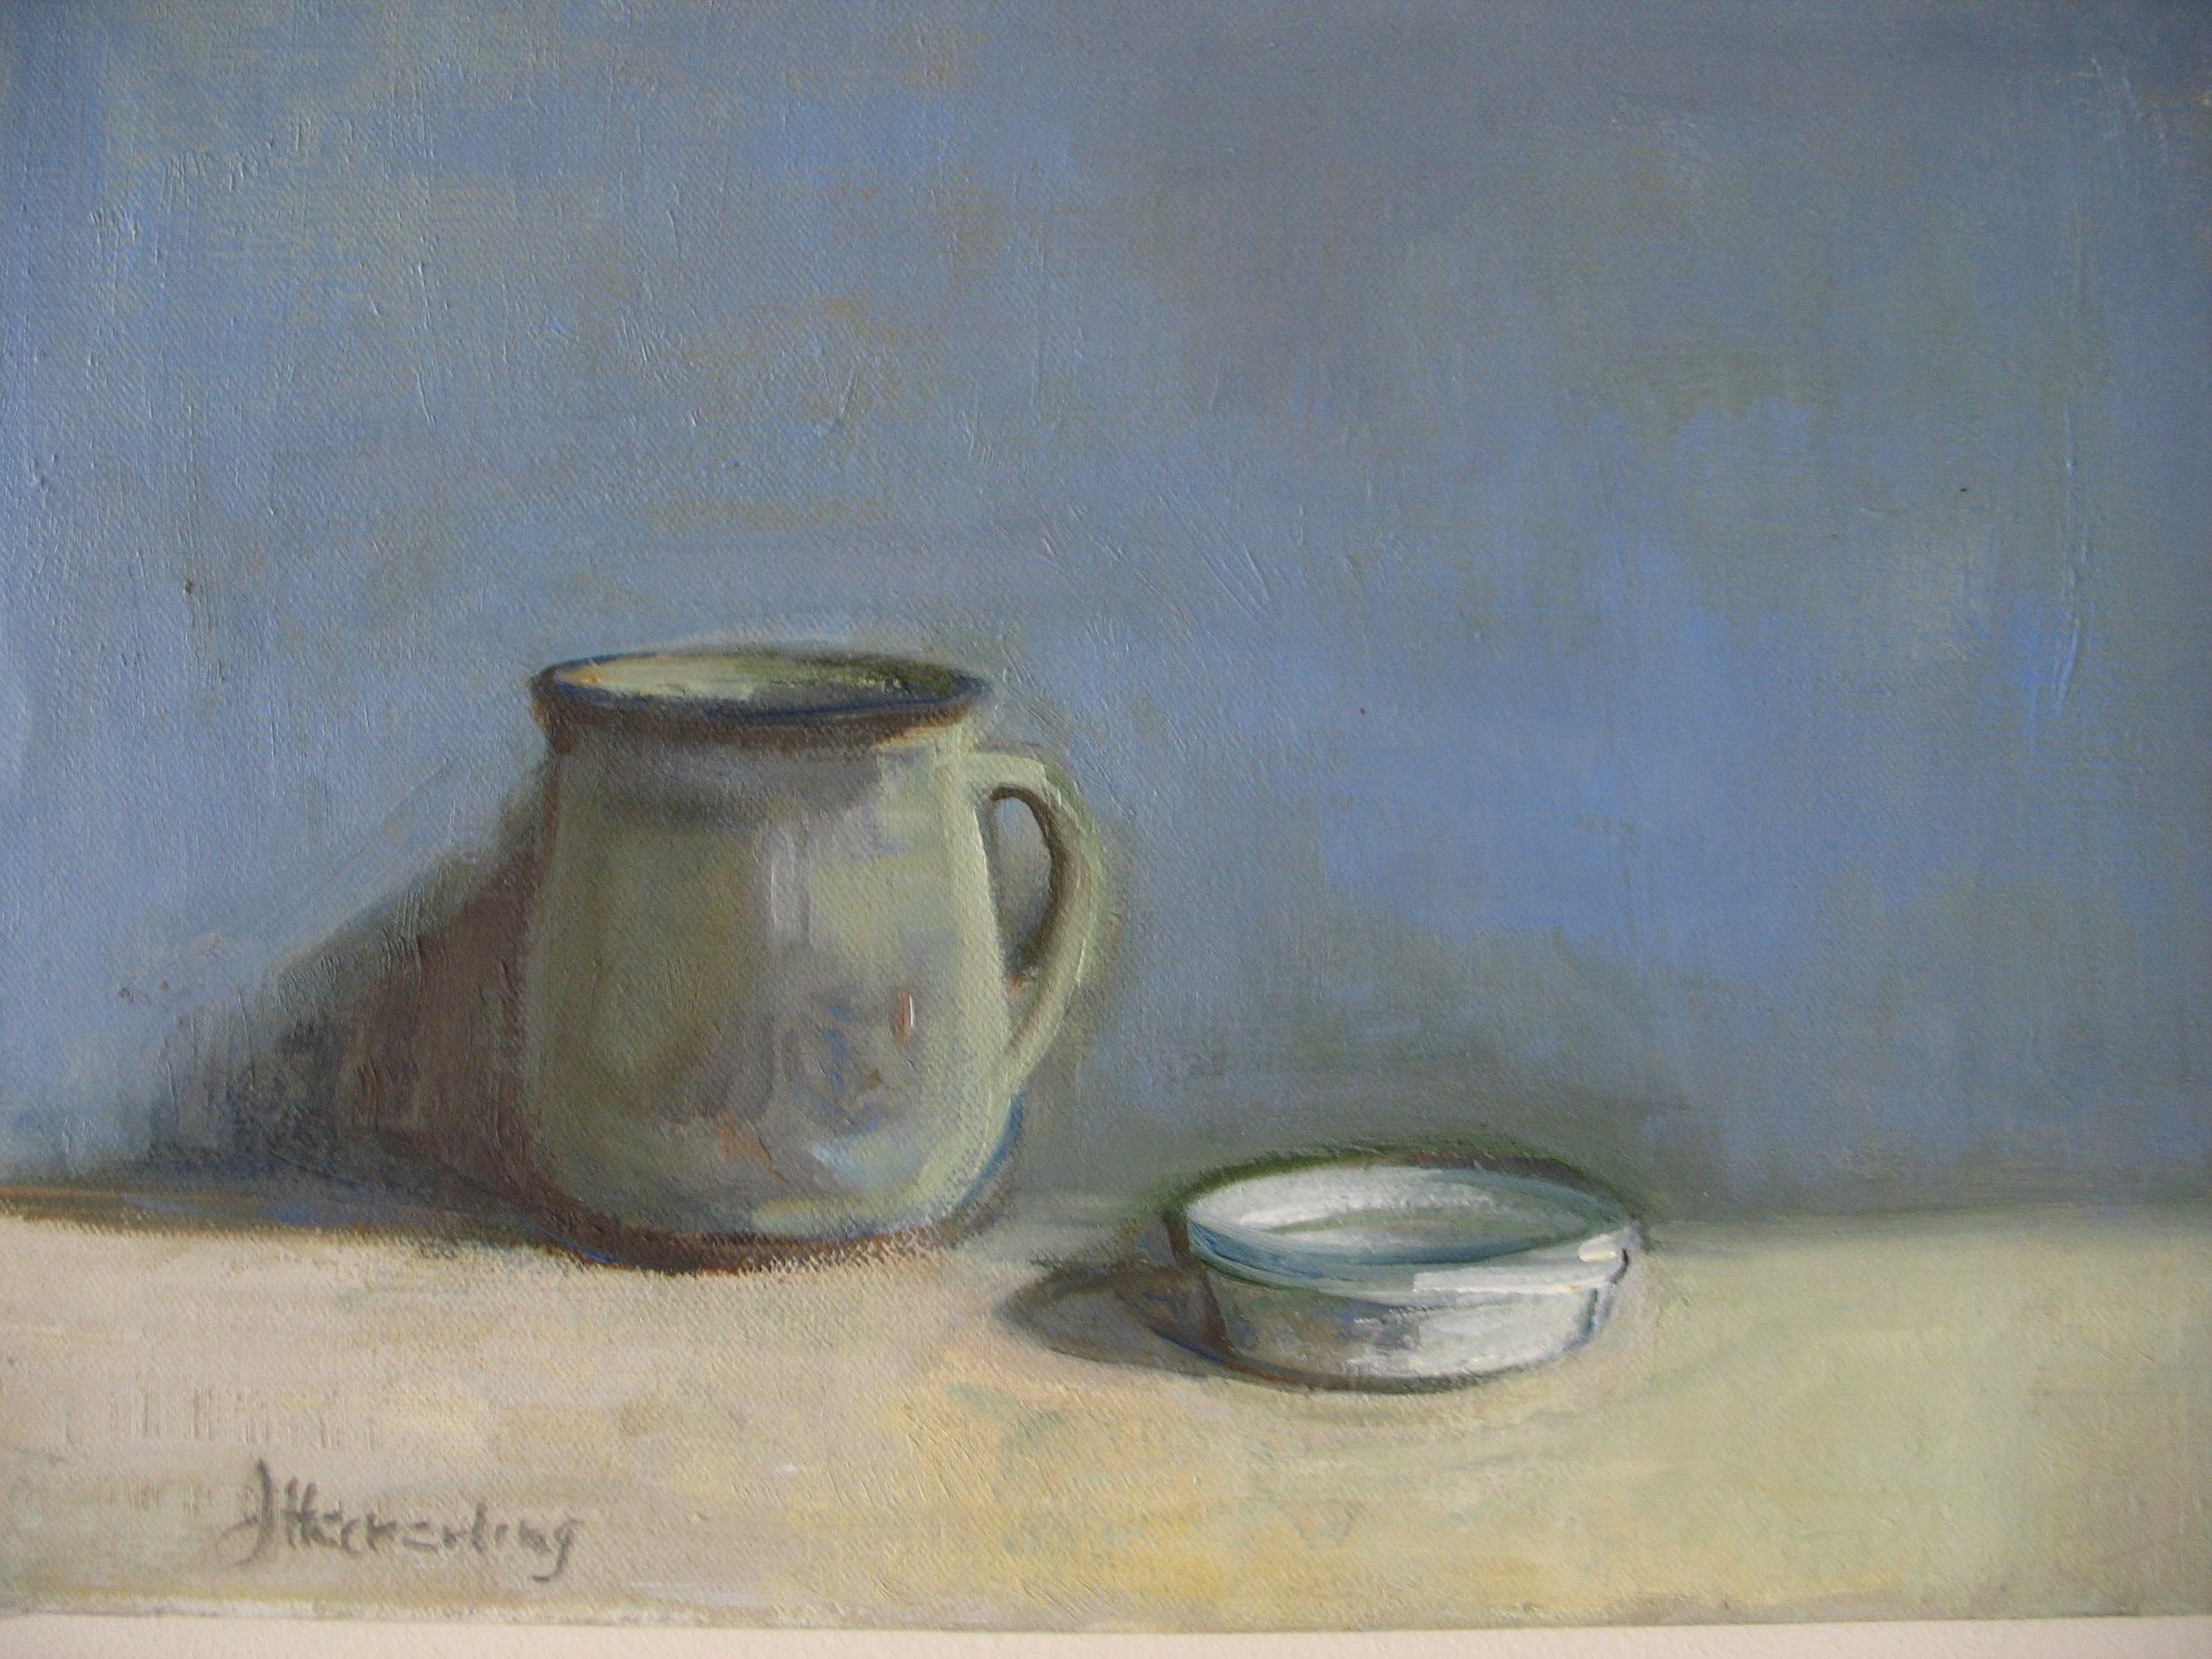 Coffee Mug and Lid